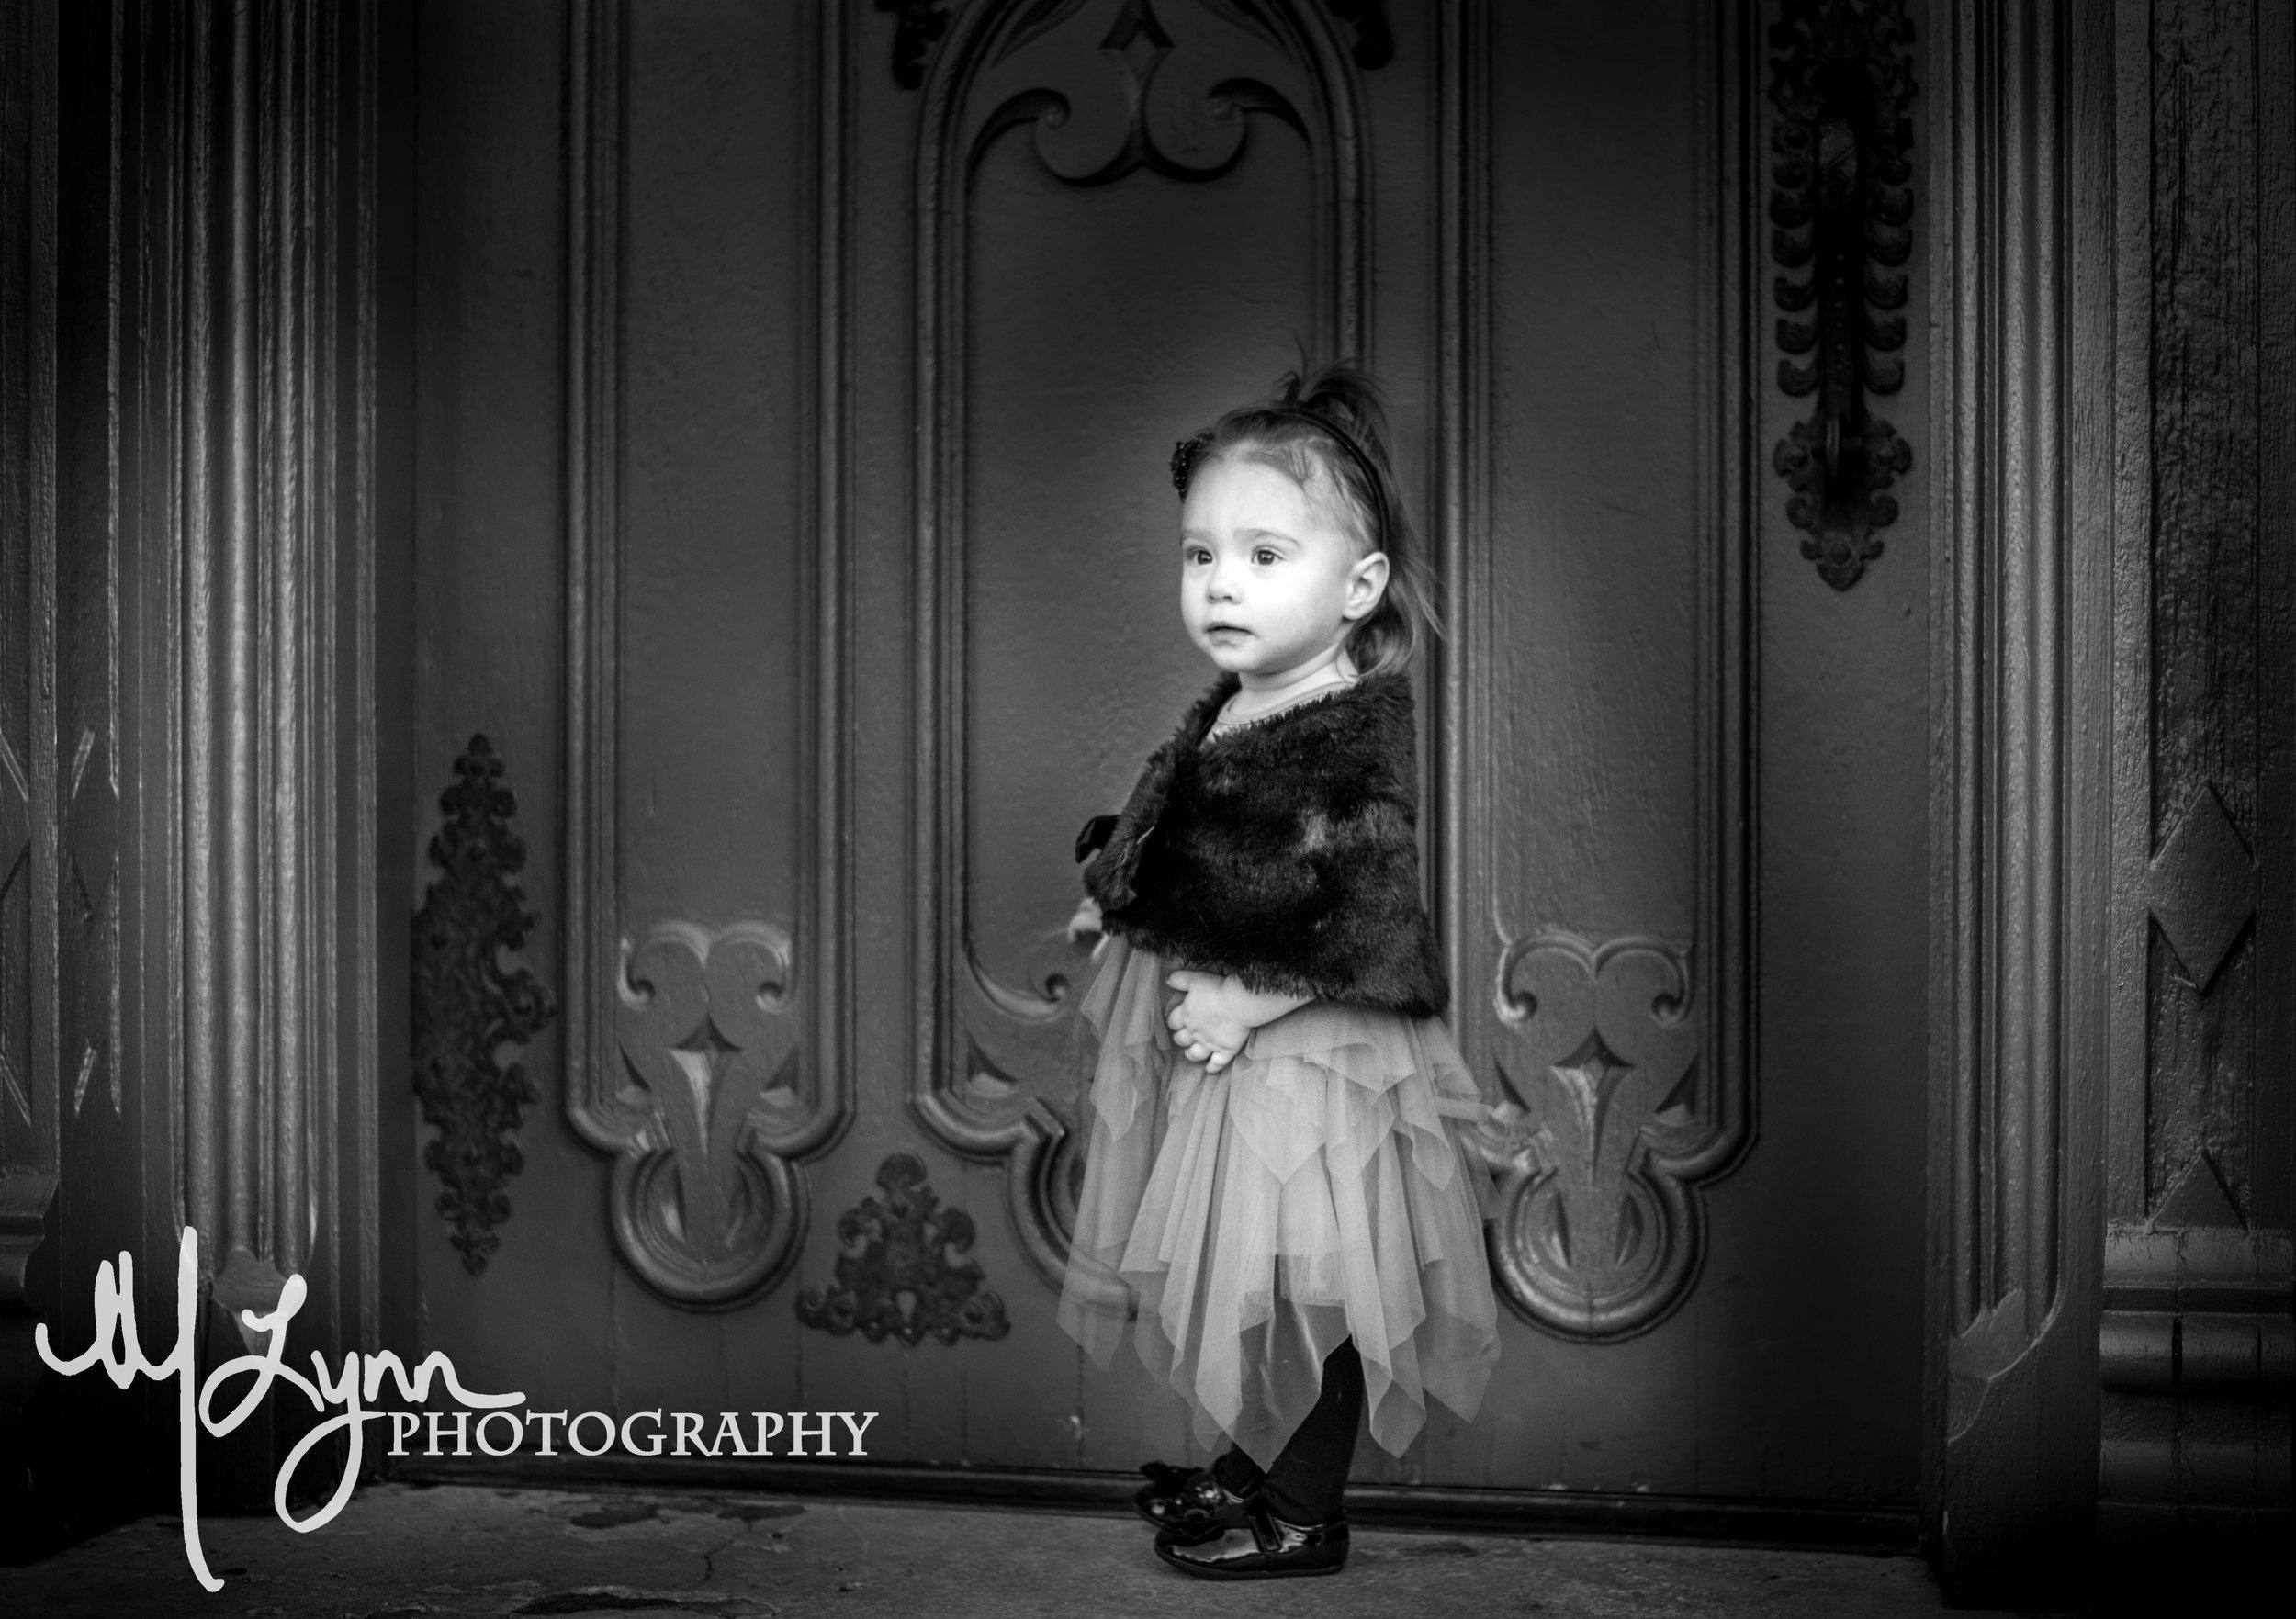 fine art child ornate door black and white 2347.jpg